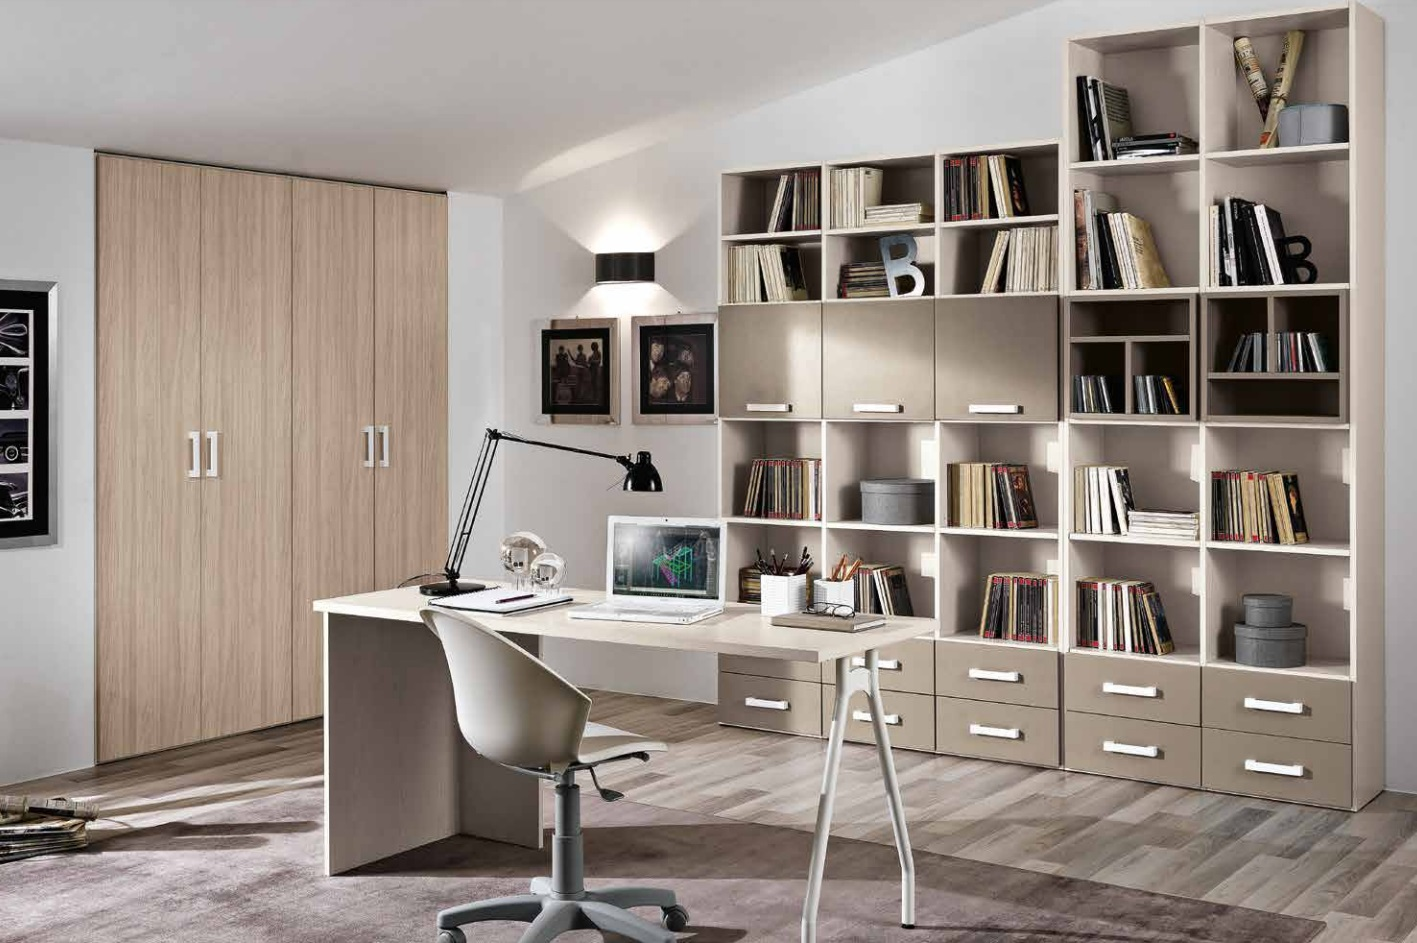 Composizione Di Librerie Varie Altezze Con Scrivania Ed Armadio Per Ufficio  O Casa Modello Omnia